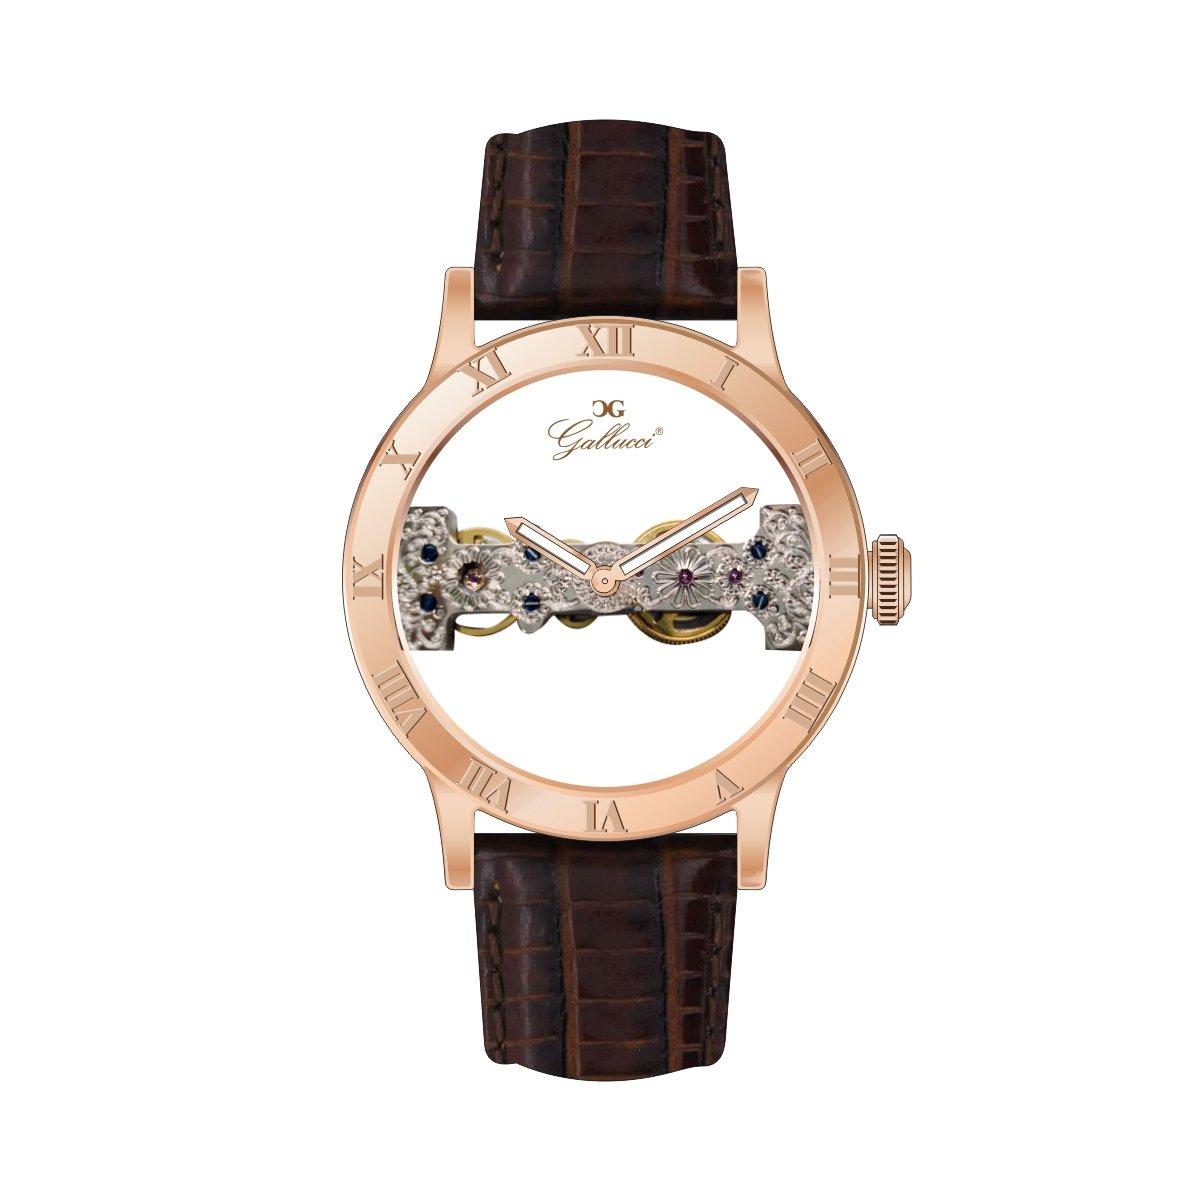 Gallucci ユニセッスファッションス手巻き機械時計 B017091GI8